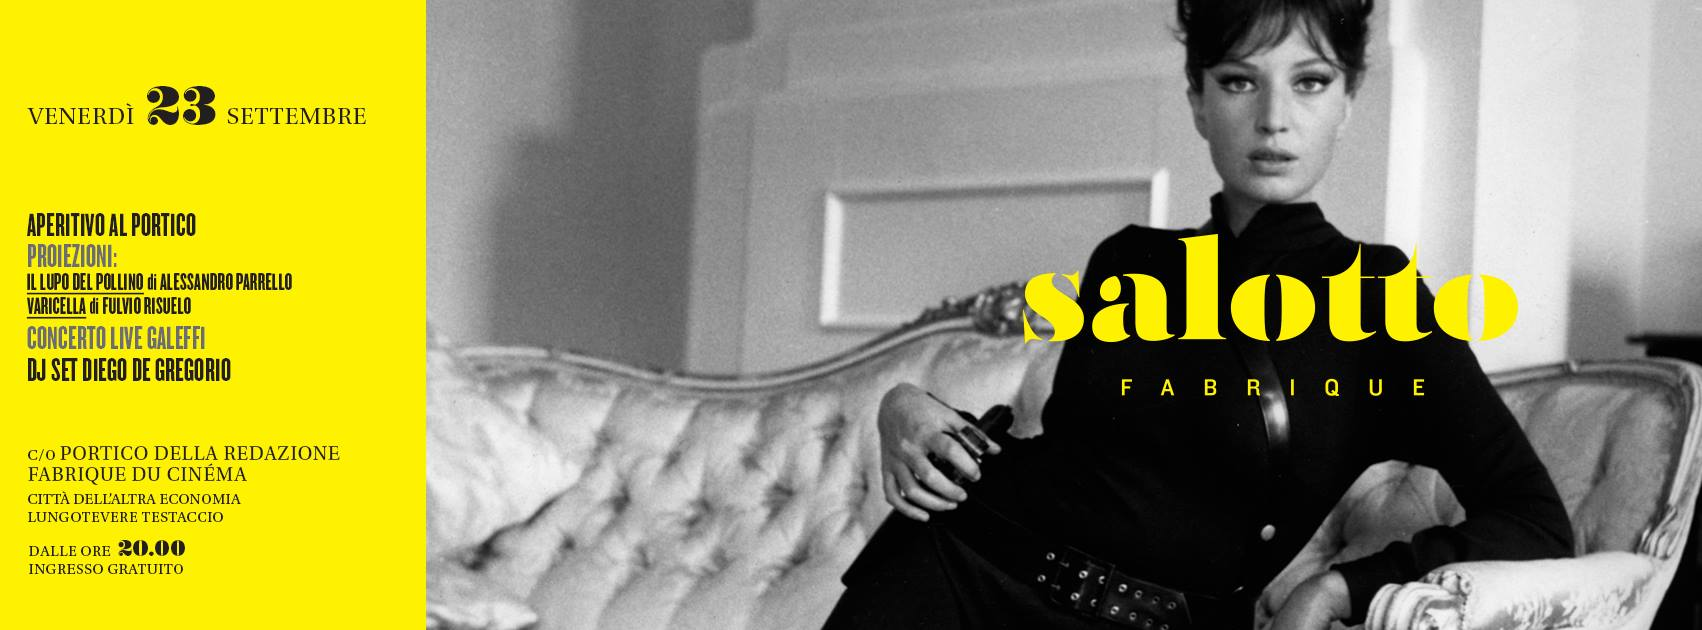 Salotto Fabrique, il venerdì del cinema italiano, da stasera alla Città dell'Altra Economia per presentare il numero 15